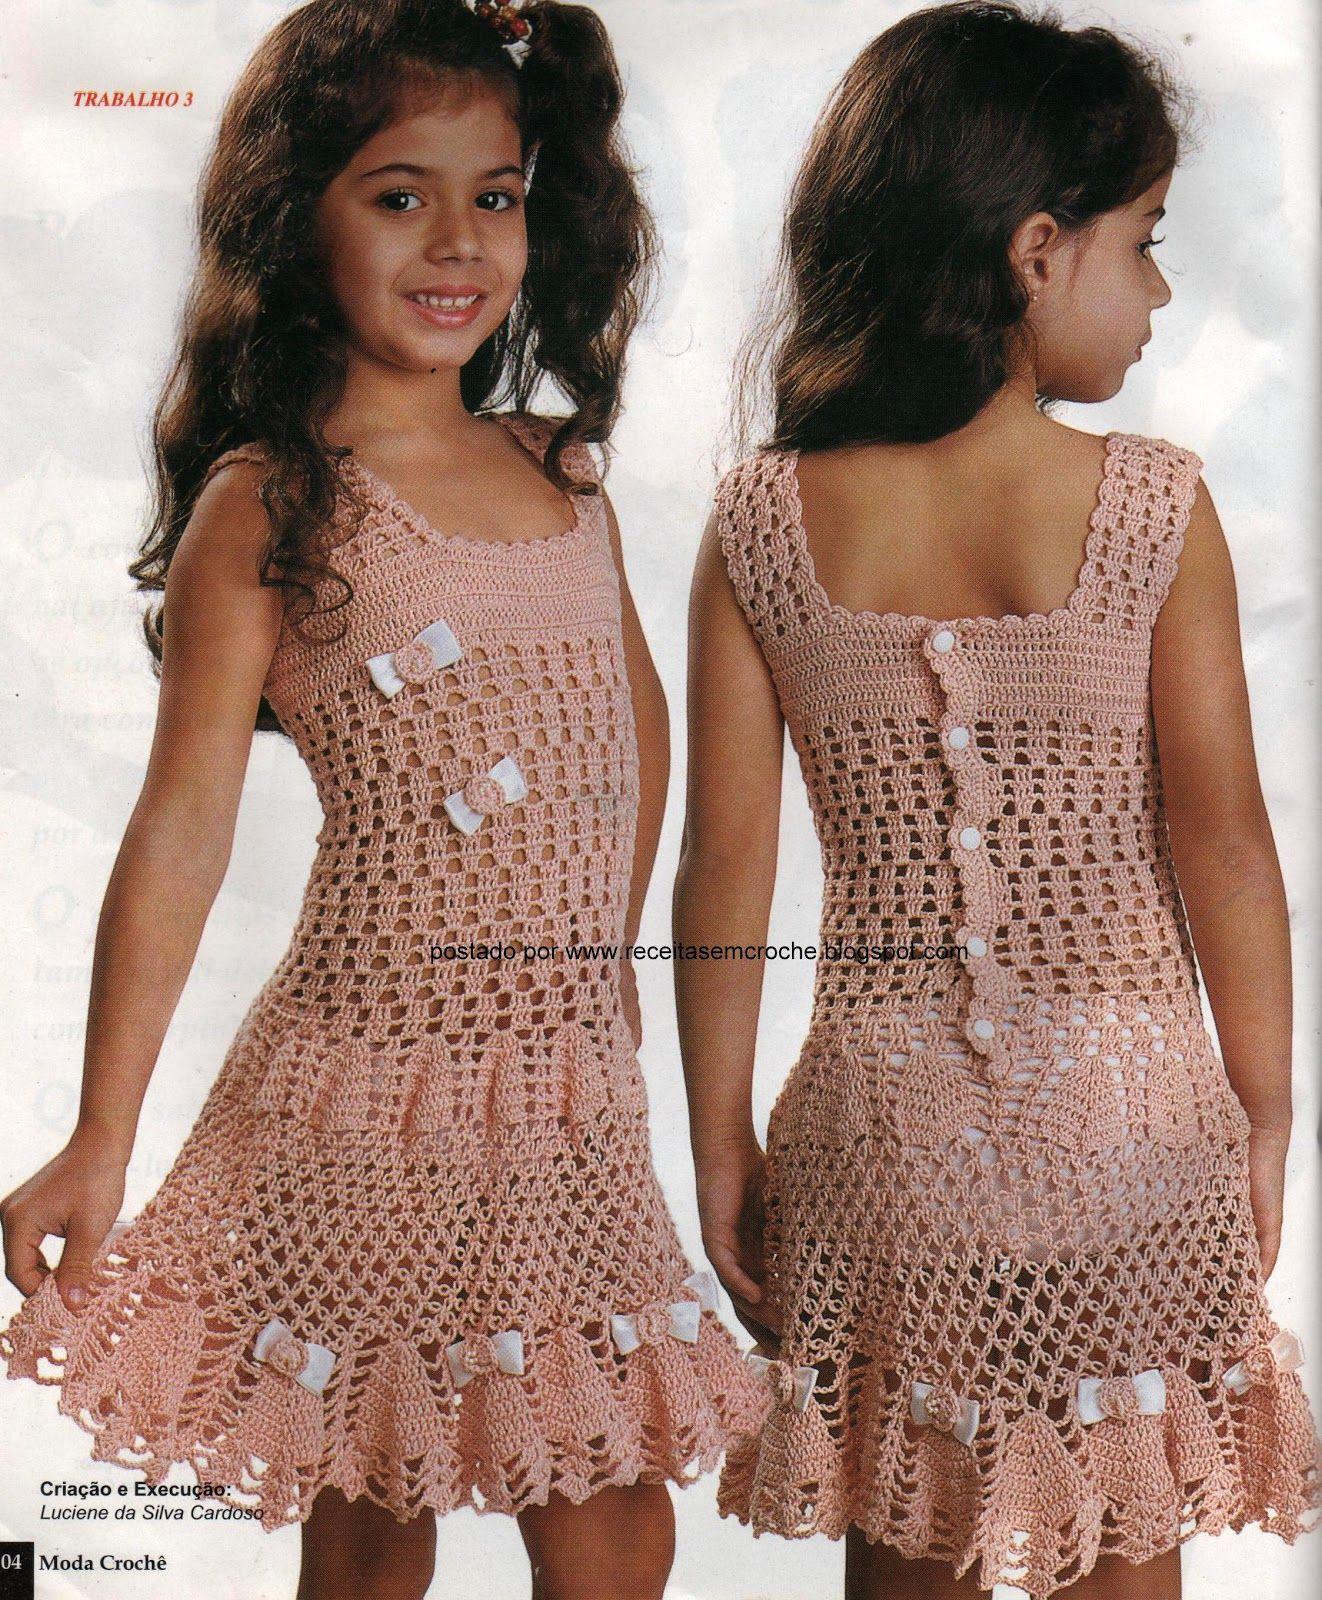 f818feb77d9f Vestido em crochê para menina, tamanho 4 anos, receita abaixo | Baba ...